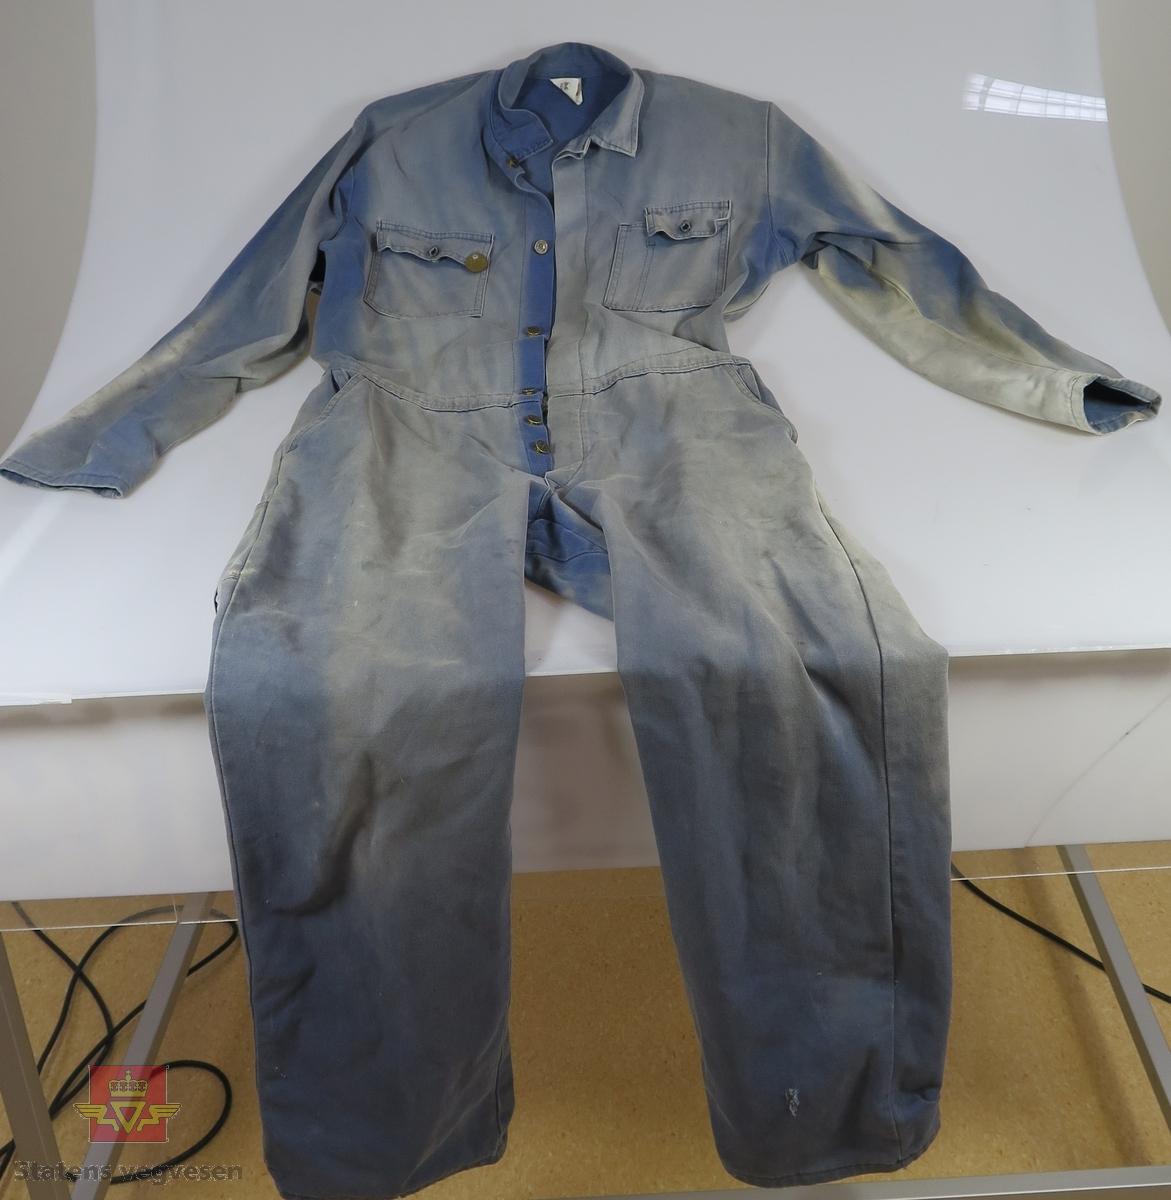 945c521d Blå kjeledress av bomull, med metallknapper. Totalt 6 lommer. Merking fra  produsent.